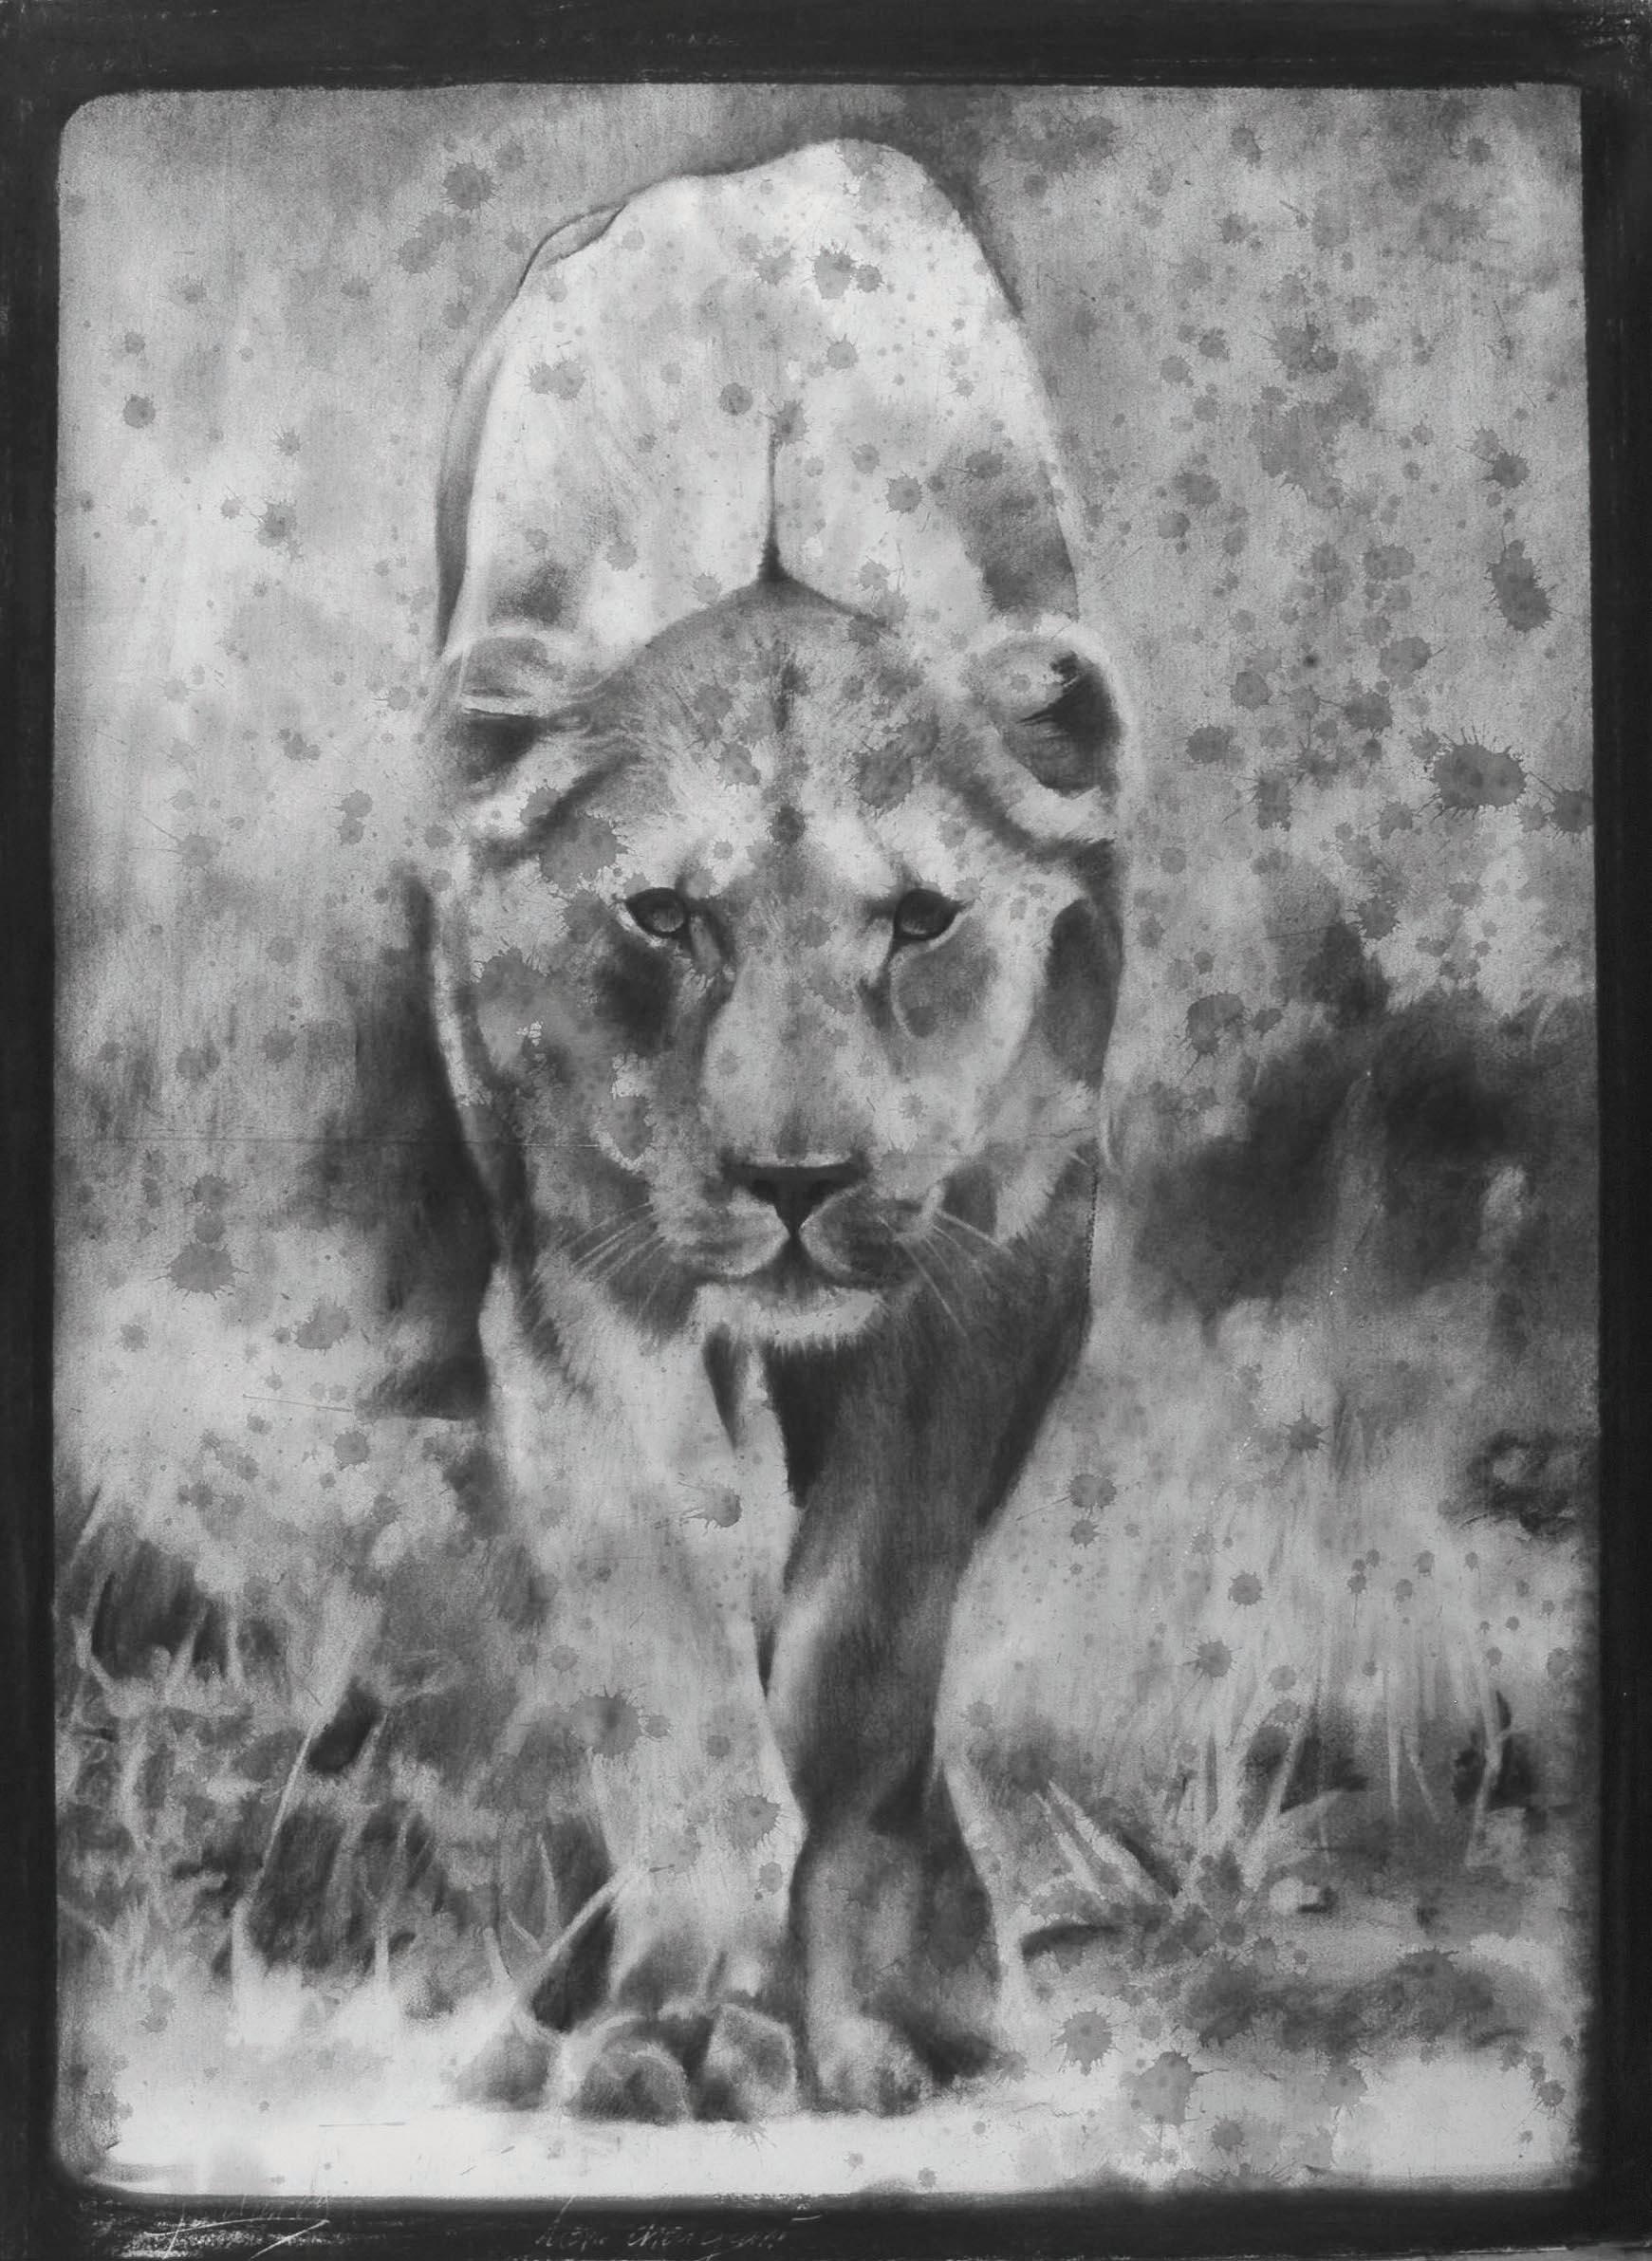 Lionne, fusain, technique mixte, Aurélien Raynaud